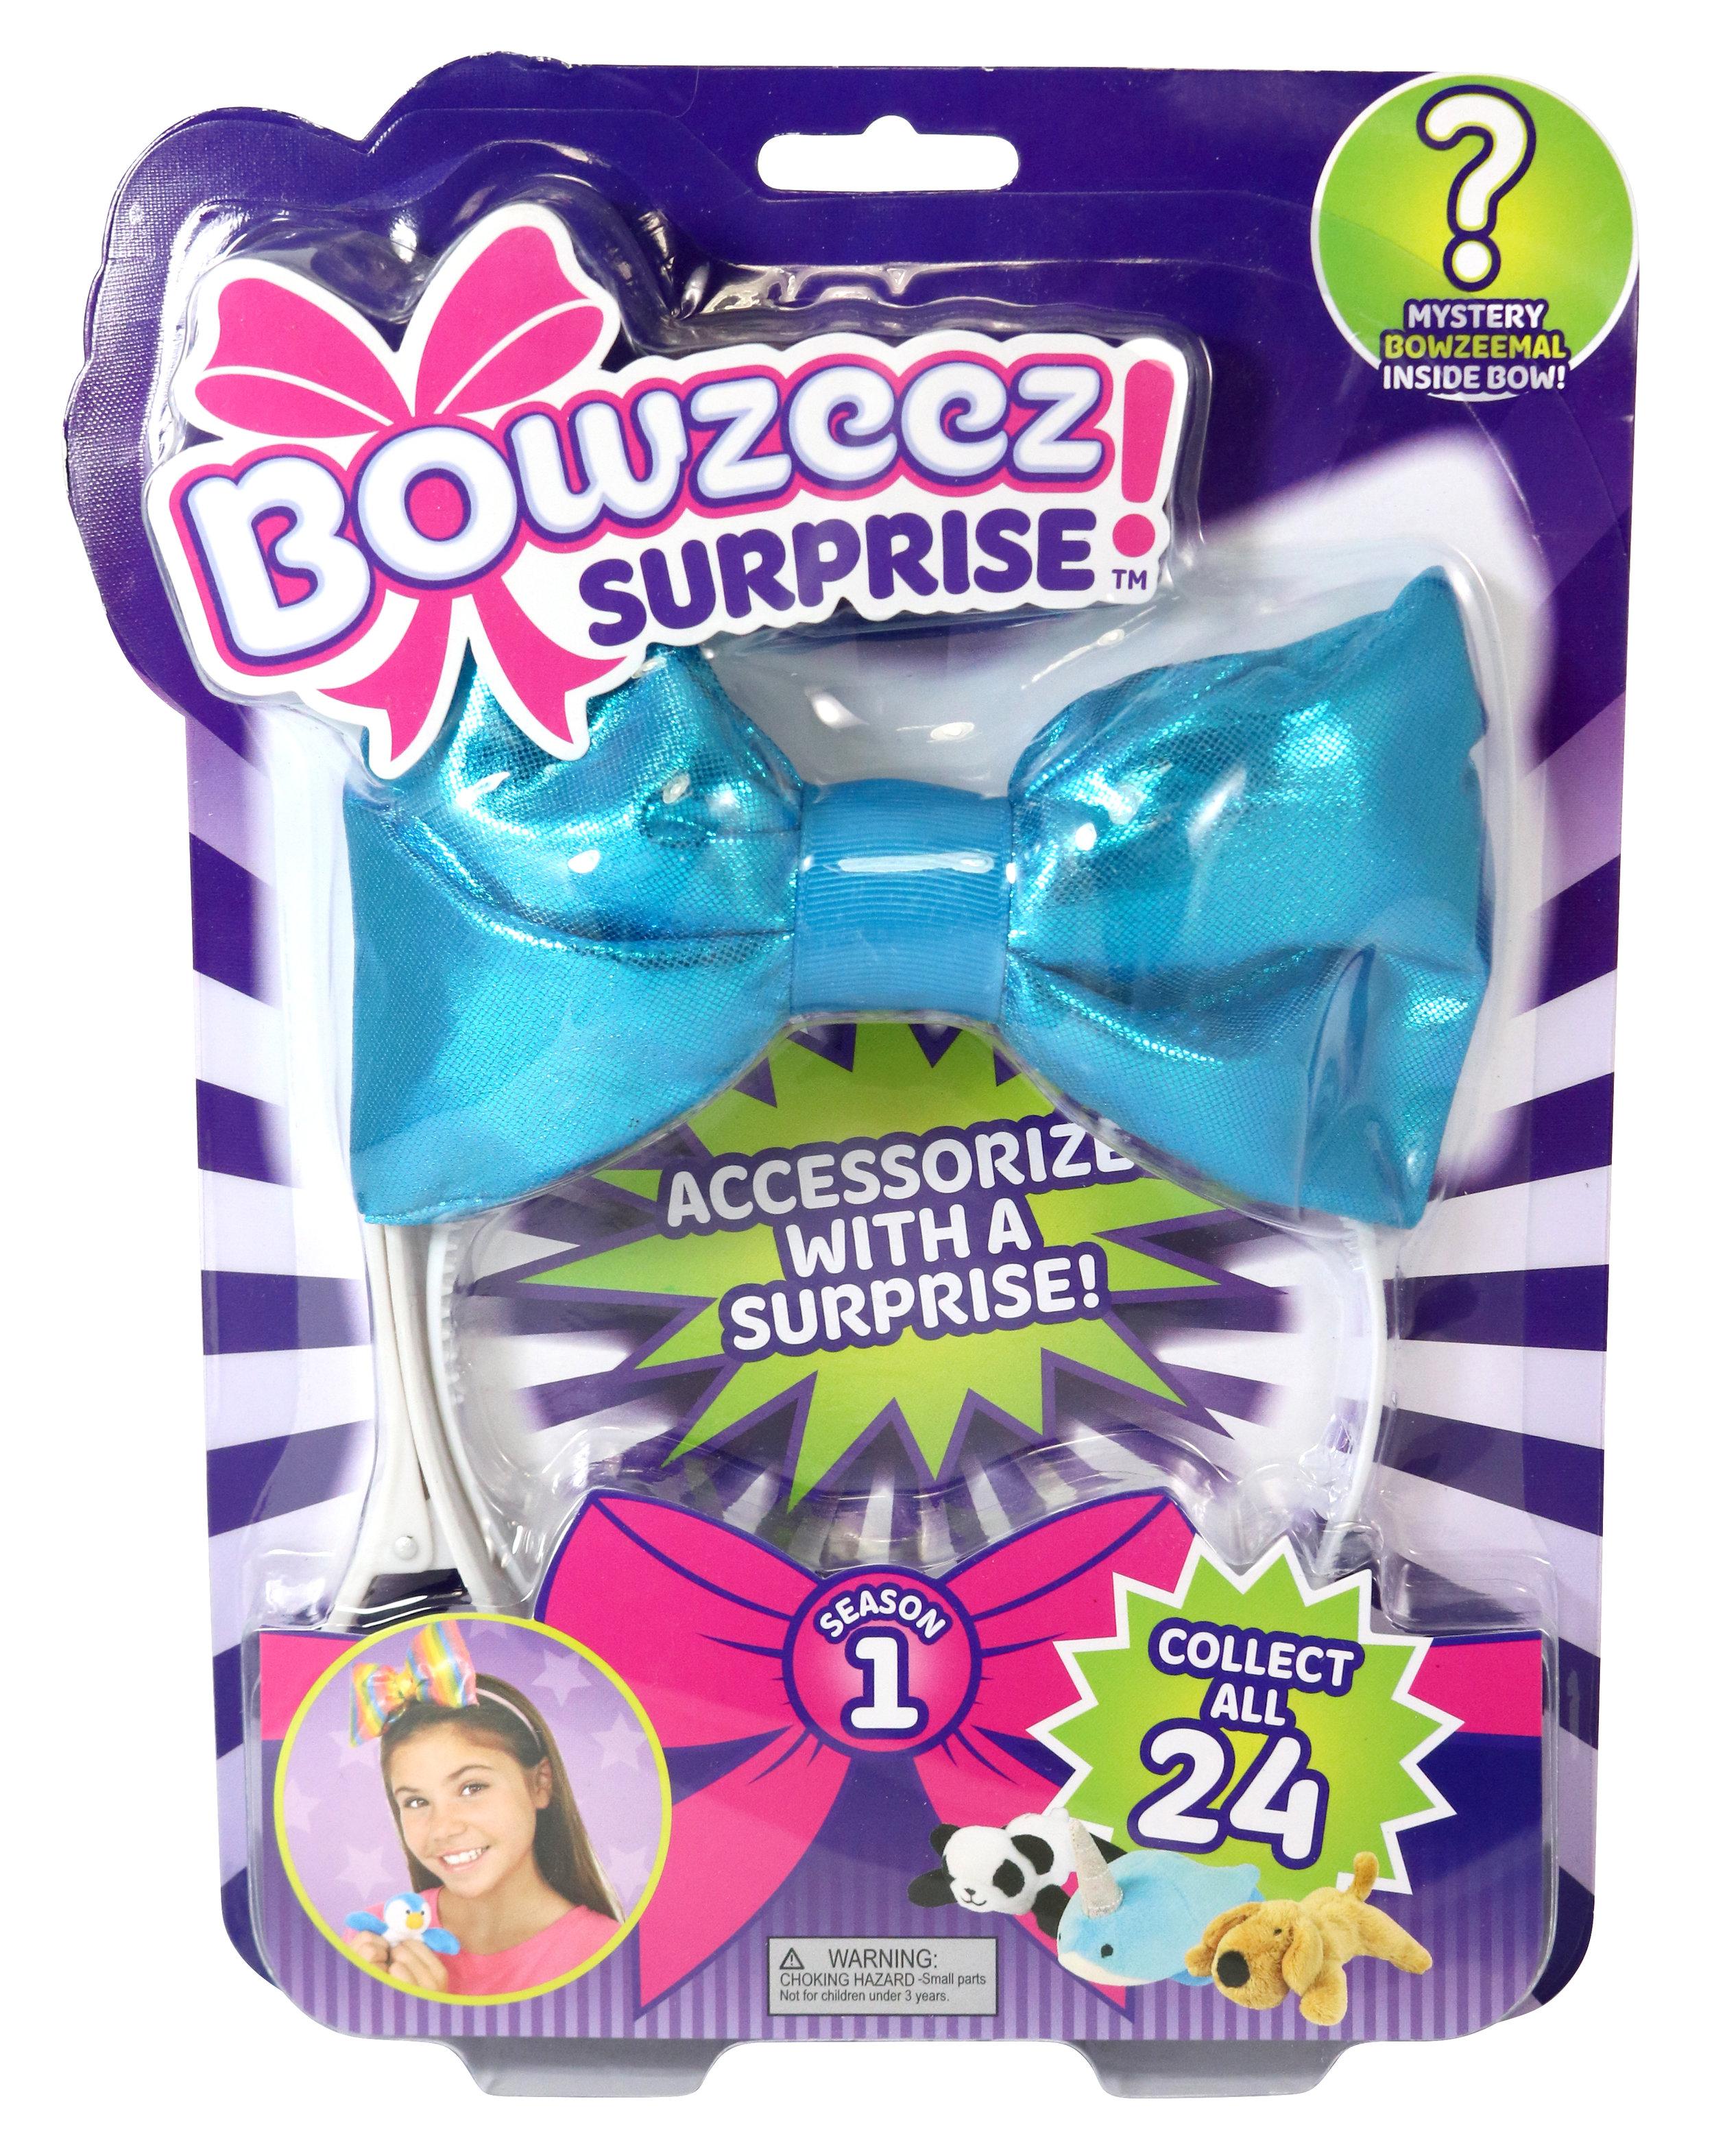 Bowzeez_BLGlit.jpg